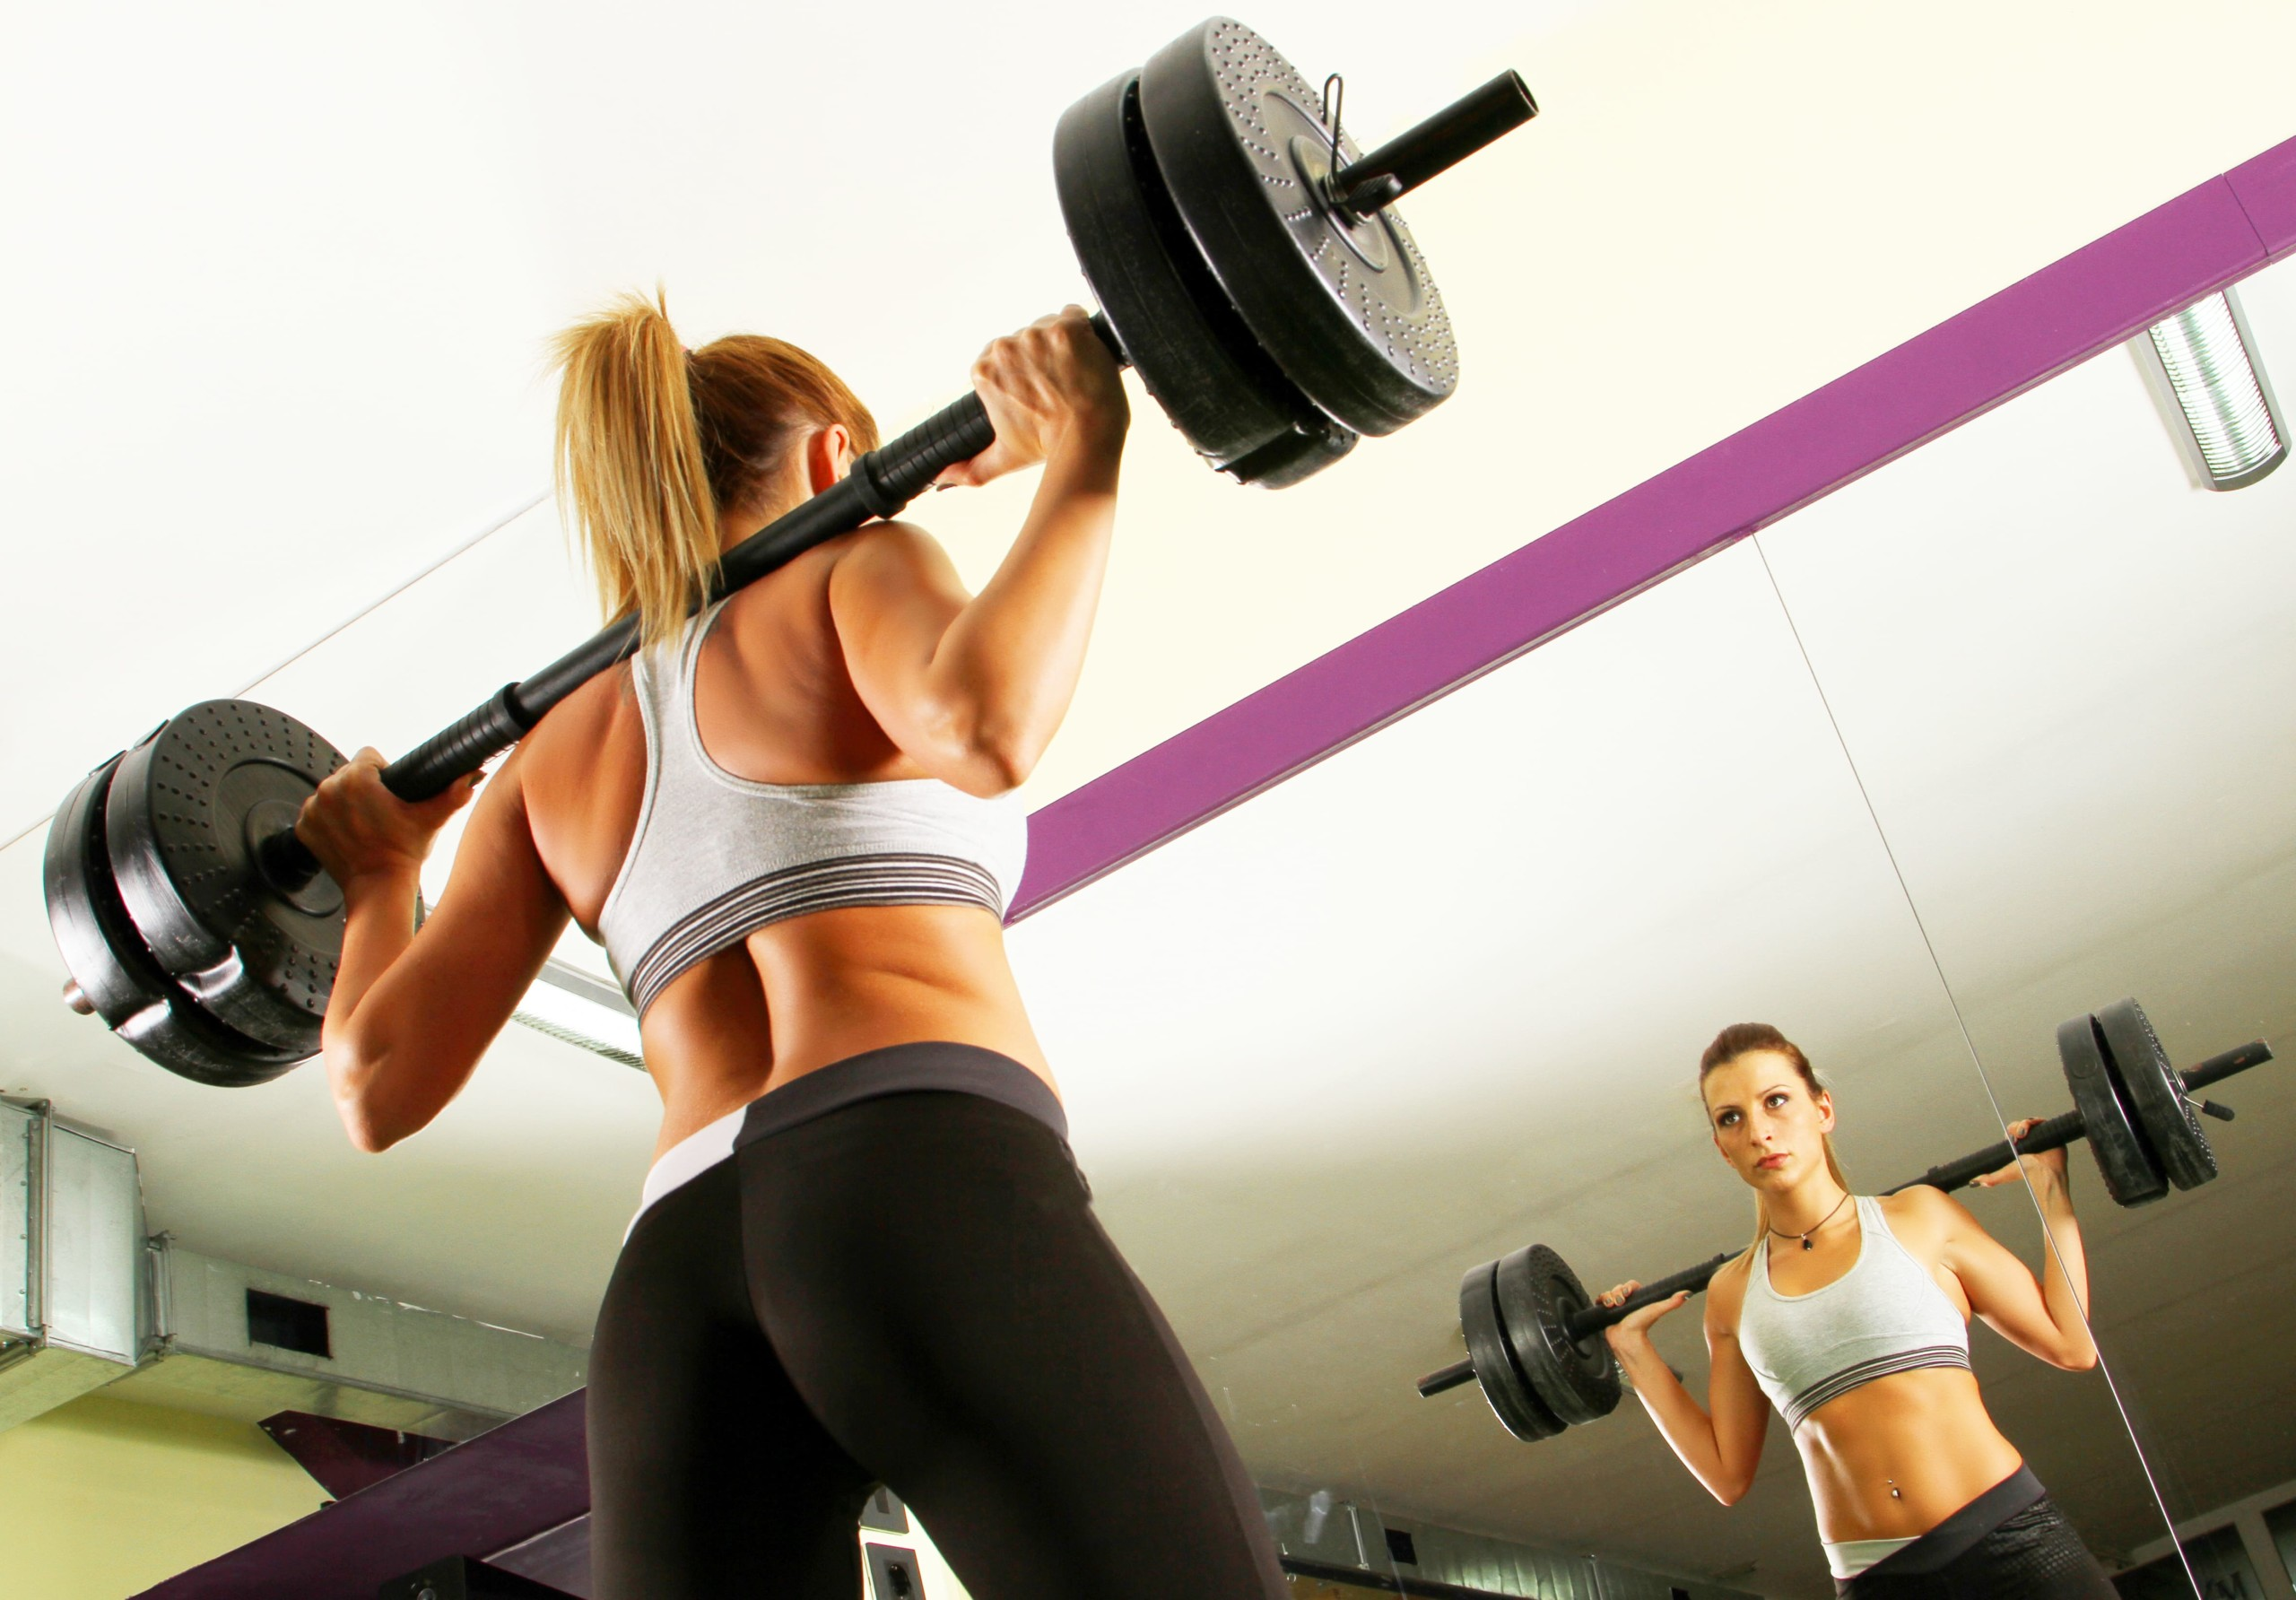 女性がトレーニングしている風景